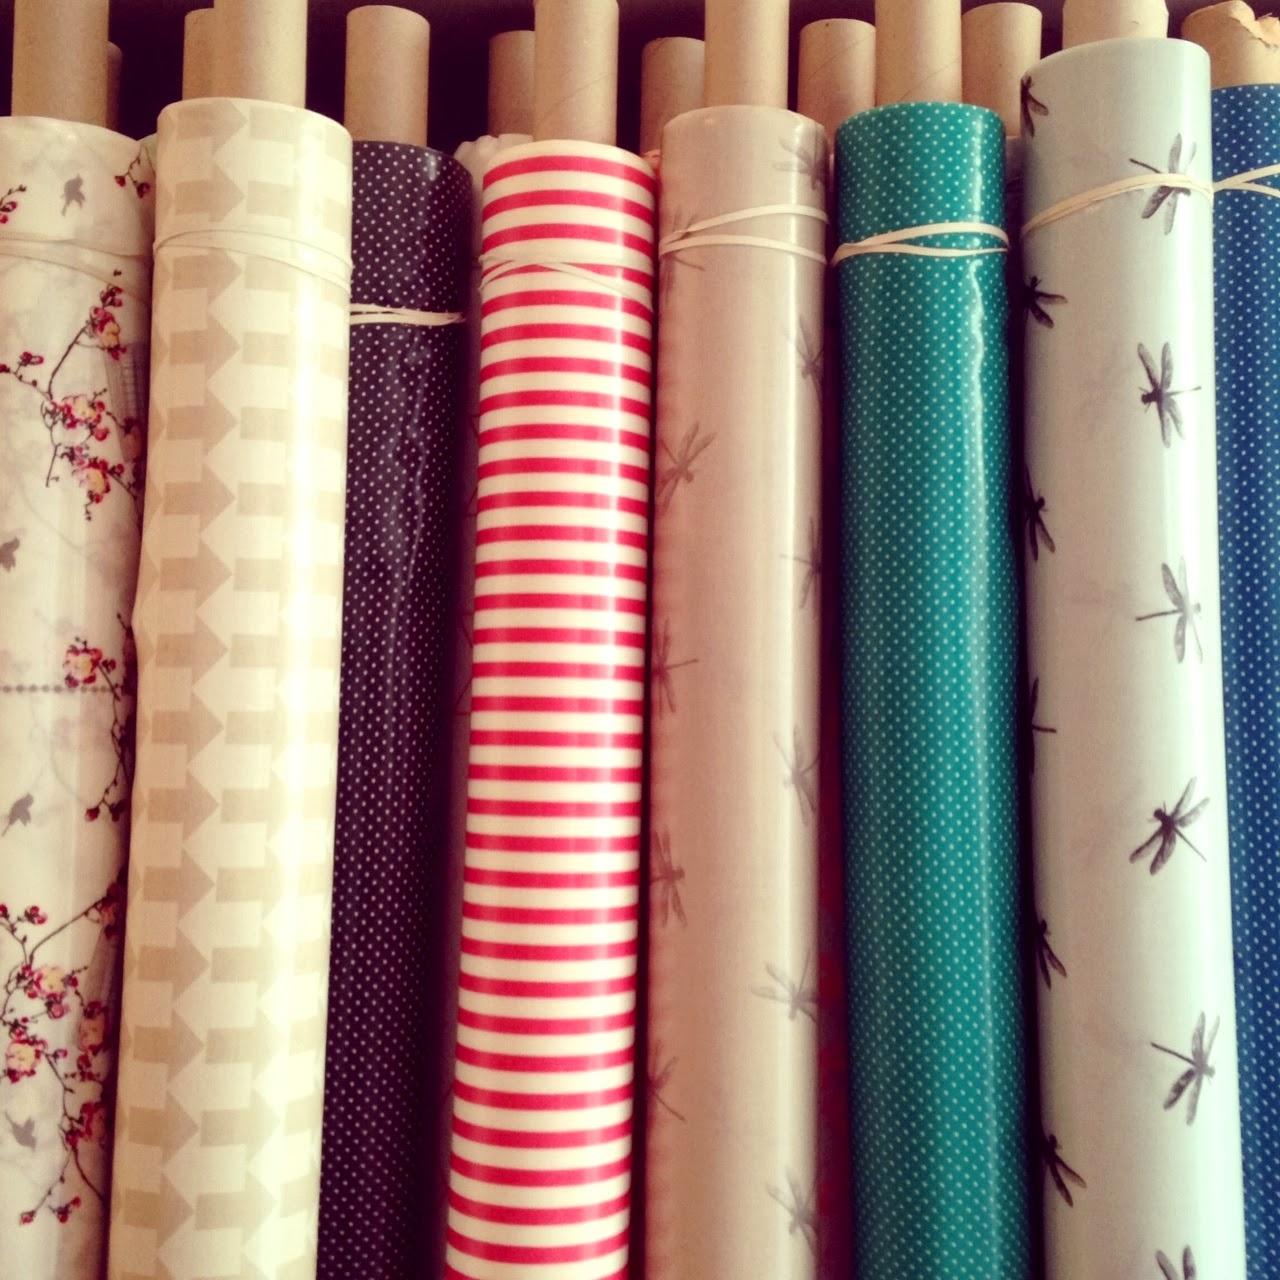 http://www.motifpersonnel.com/marques/au-maison-1/date-decroissant